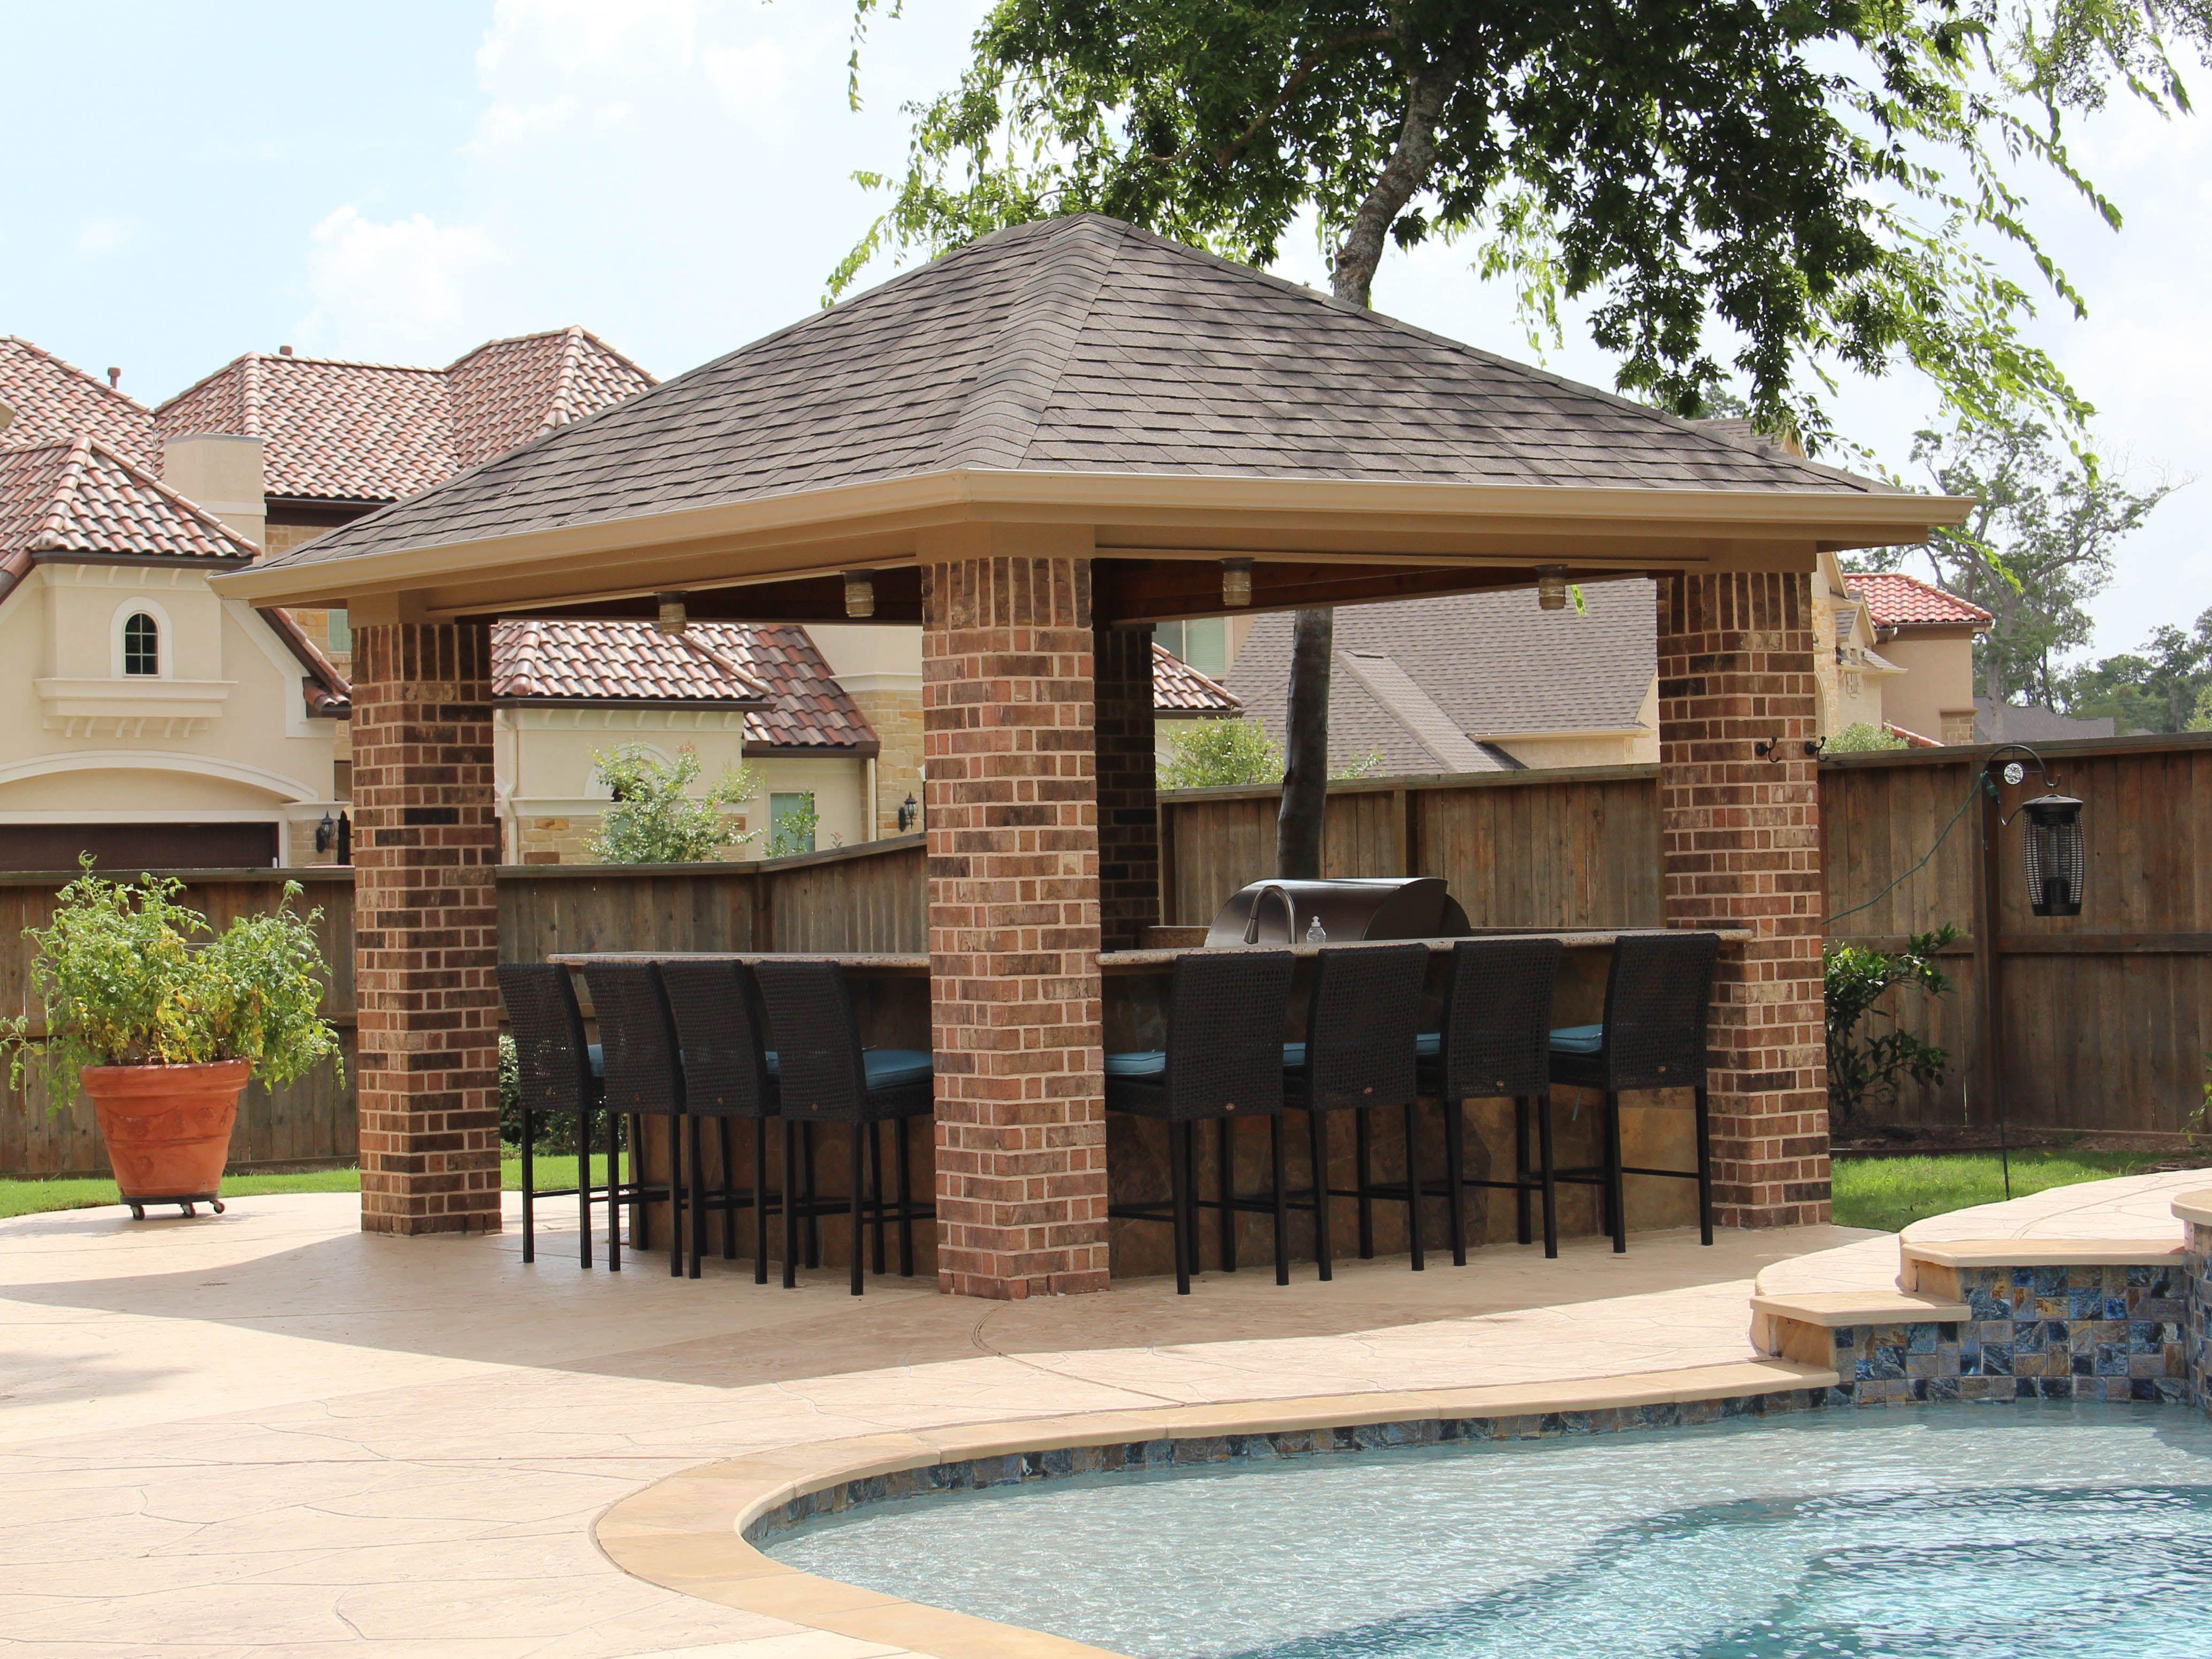 Www Customoutdoors Com Texas Porch Style Patio Cover Over An Outdoor Kitchen Porch Styles Covered Patio Patio